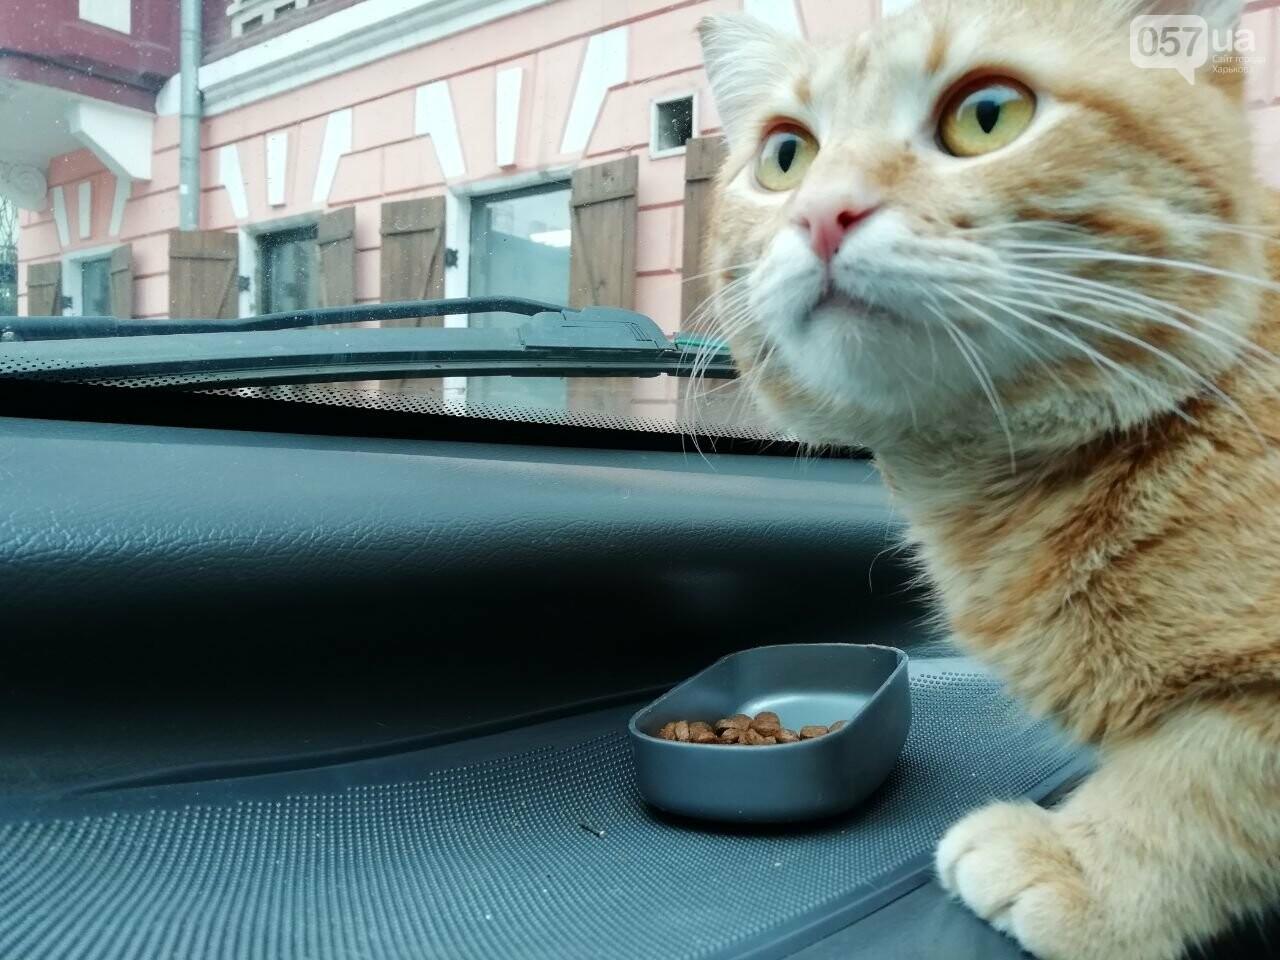 Поездка с котом и большие чаевые. Как харьковский таксист с питомцем возит пассажиров, - ФОТО, фото-23